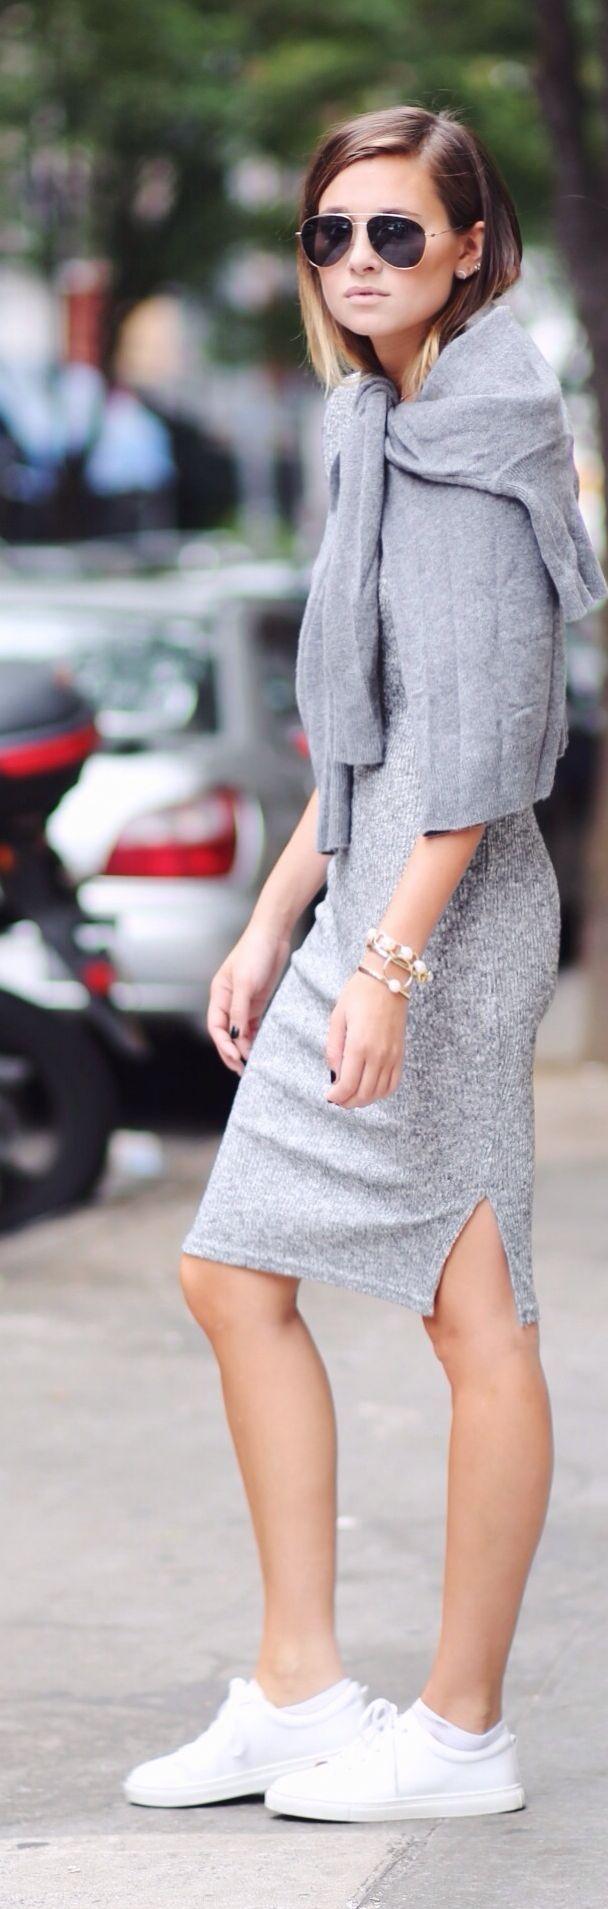 Grey Bodycon Midi Dress minimal street fashion grey with sporty sneakers